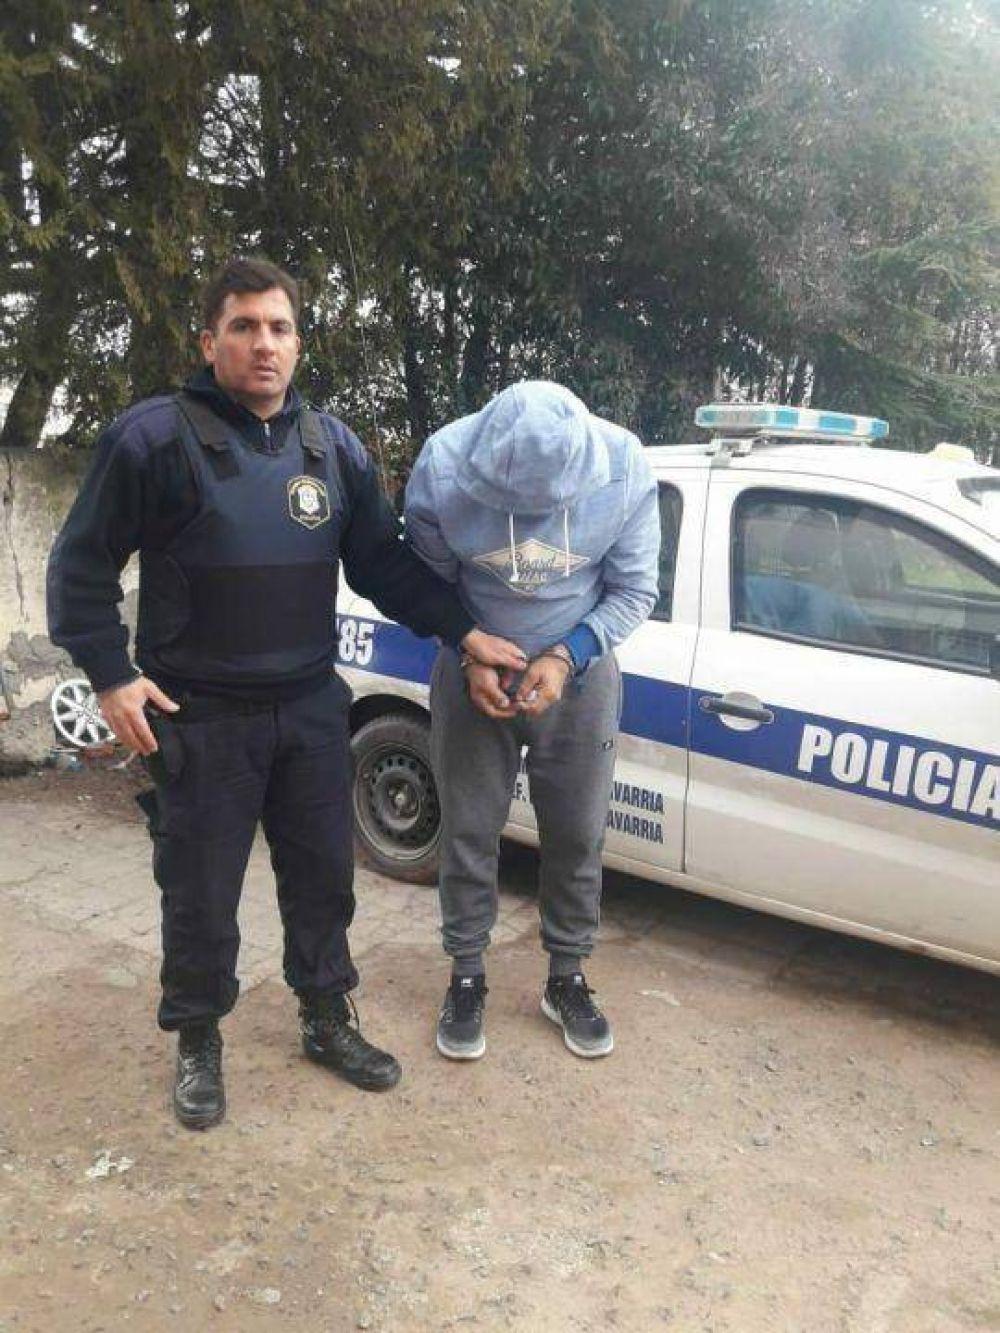 Un integrante de la UOCRA intentó sobornar a un policía y quedó detenido